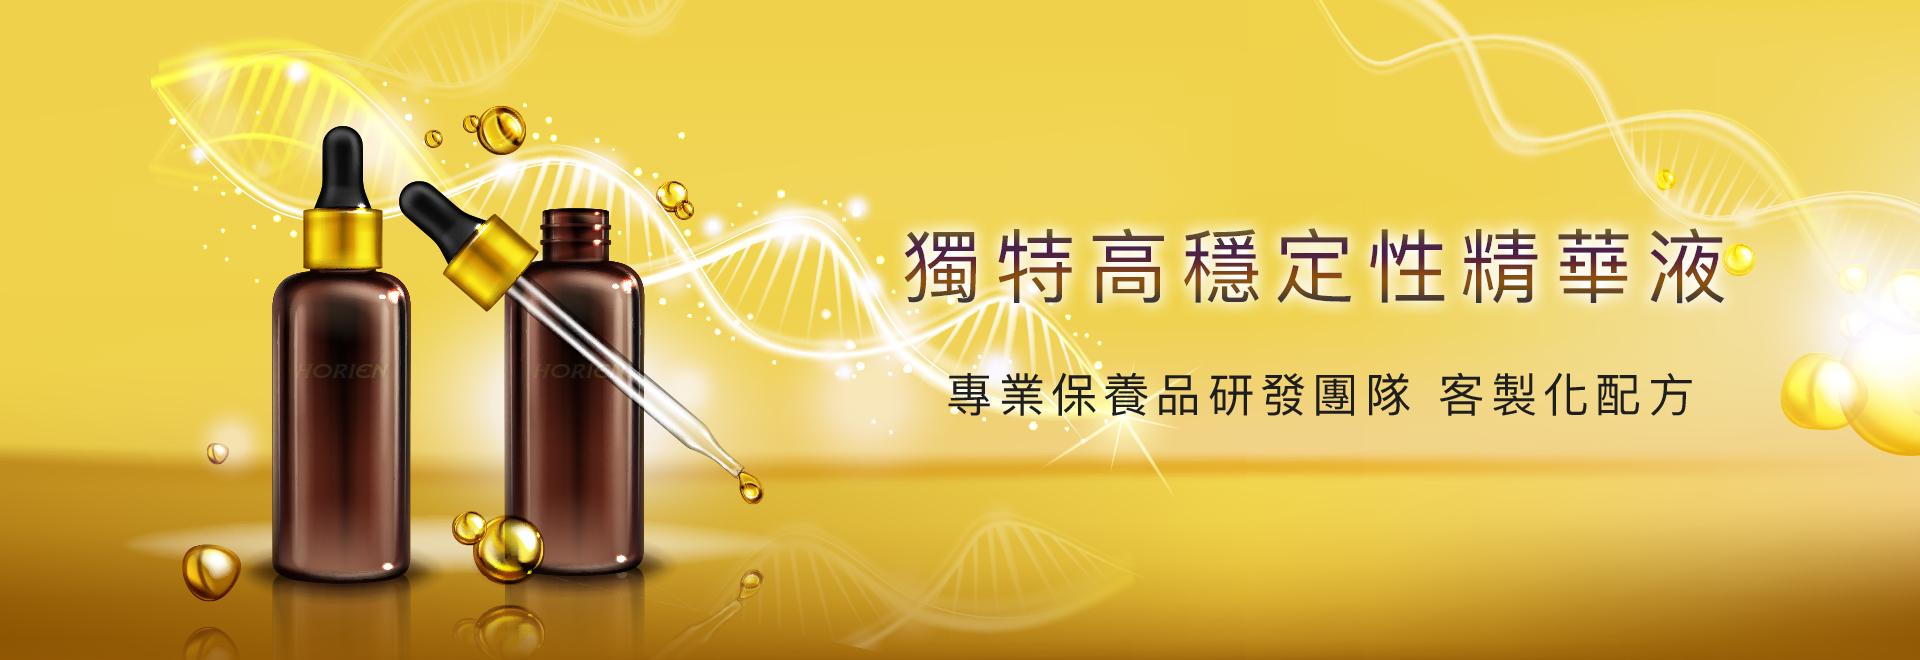 海昌國際 保養品研發 代工 精華液 精華油